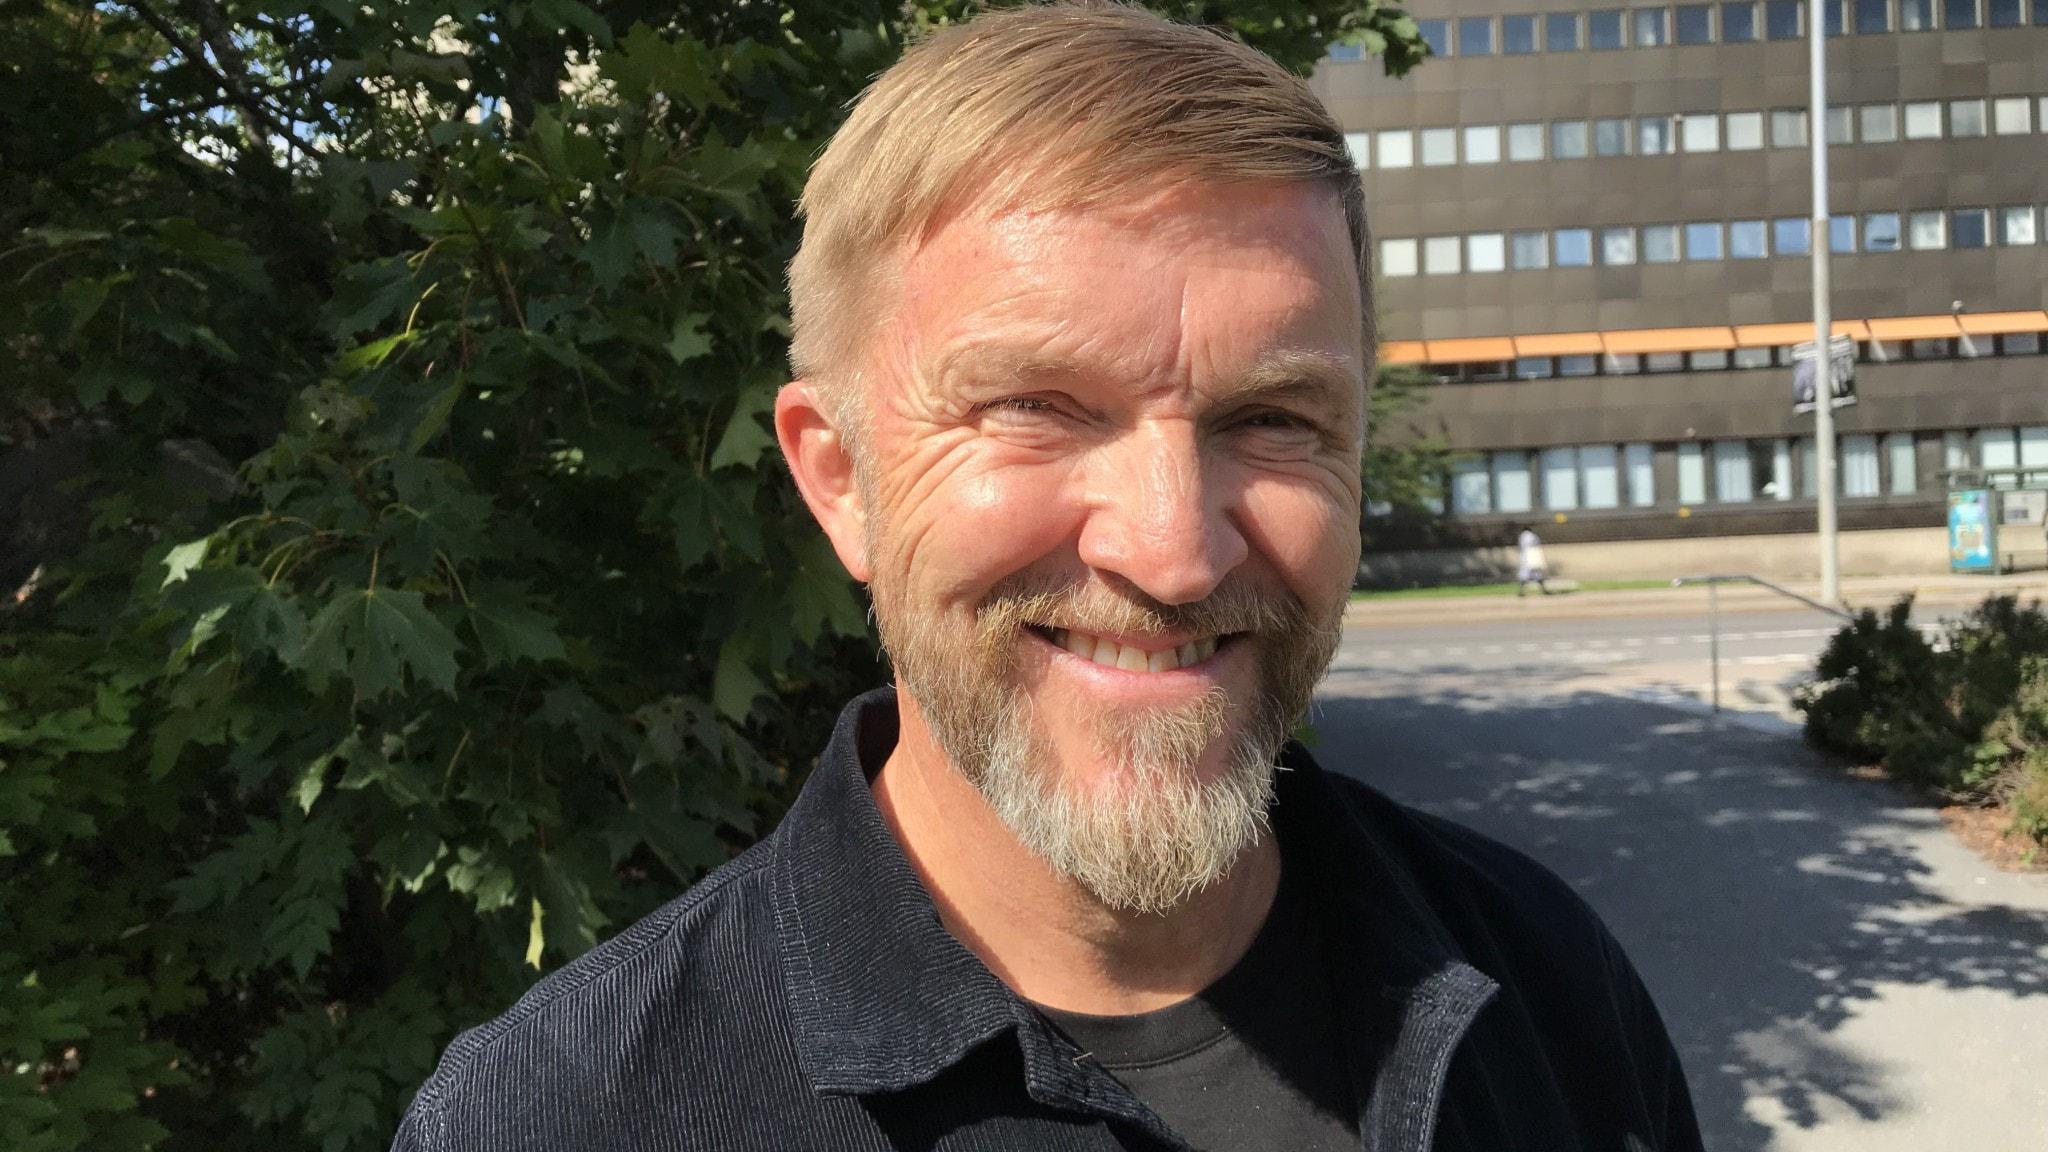 Soilin seurassa näyttelija ja musikaaliartisti Timo Nieminen Göteborgista